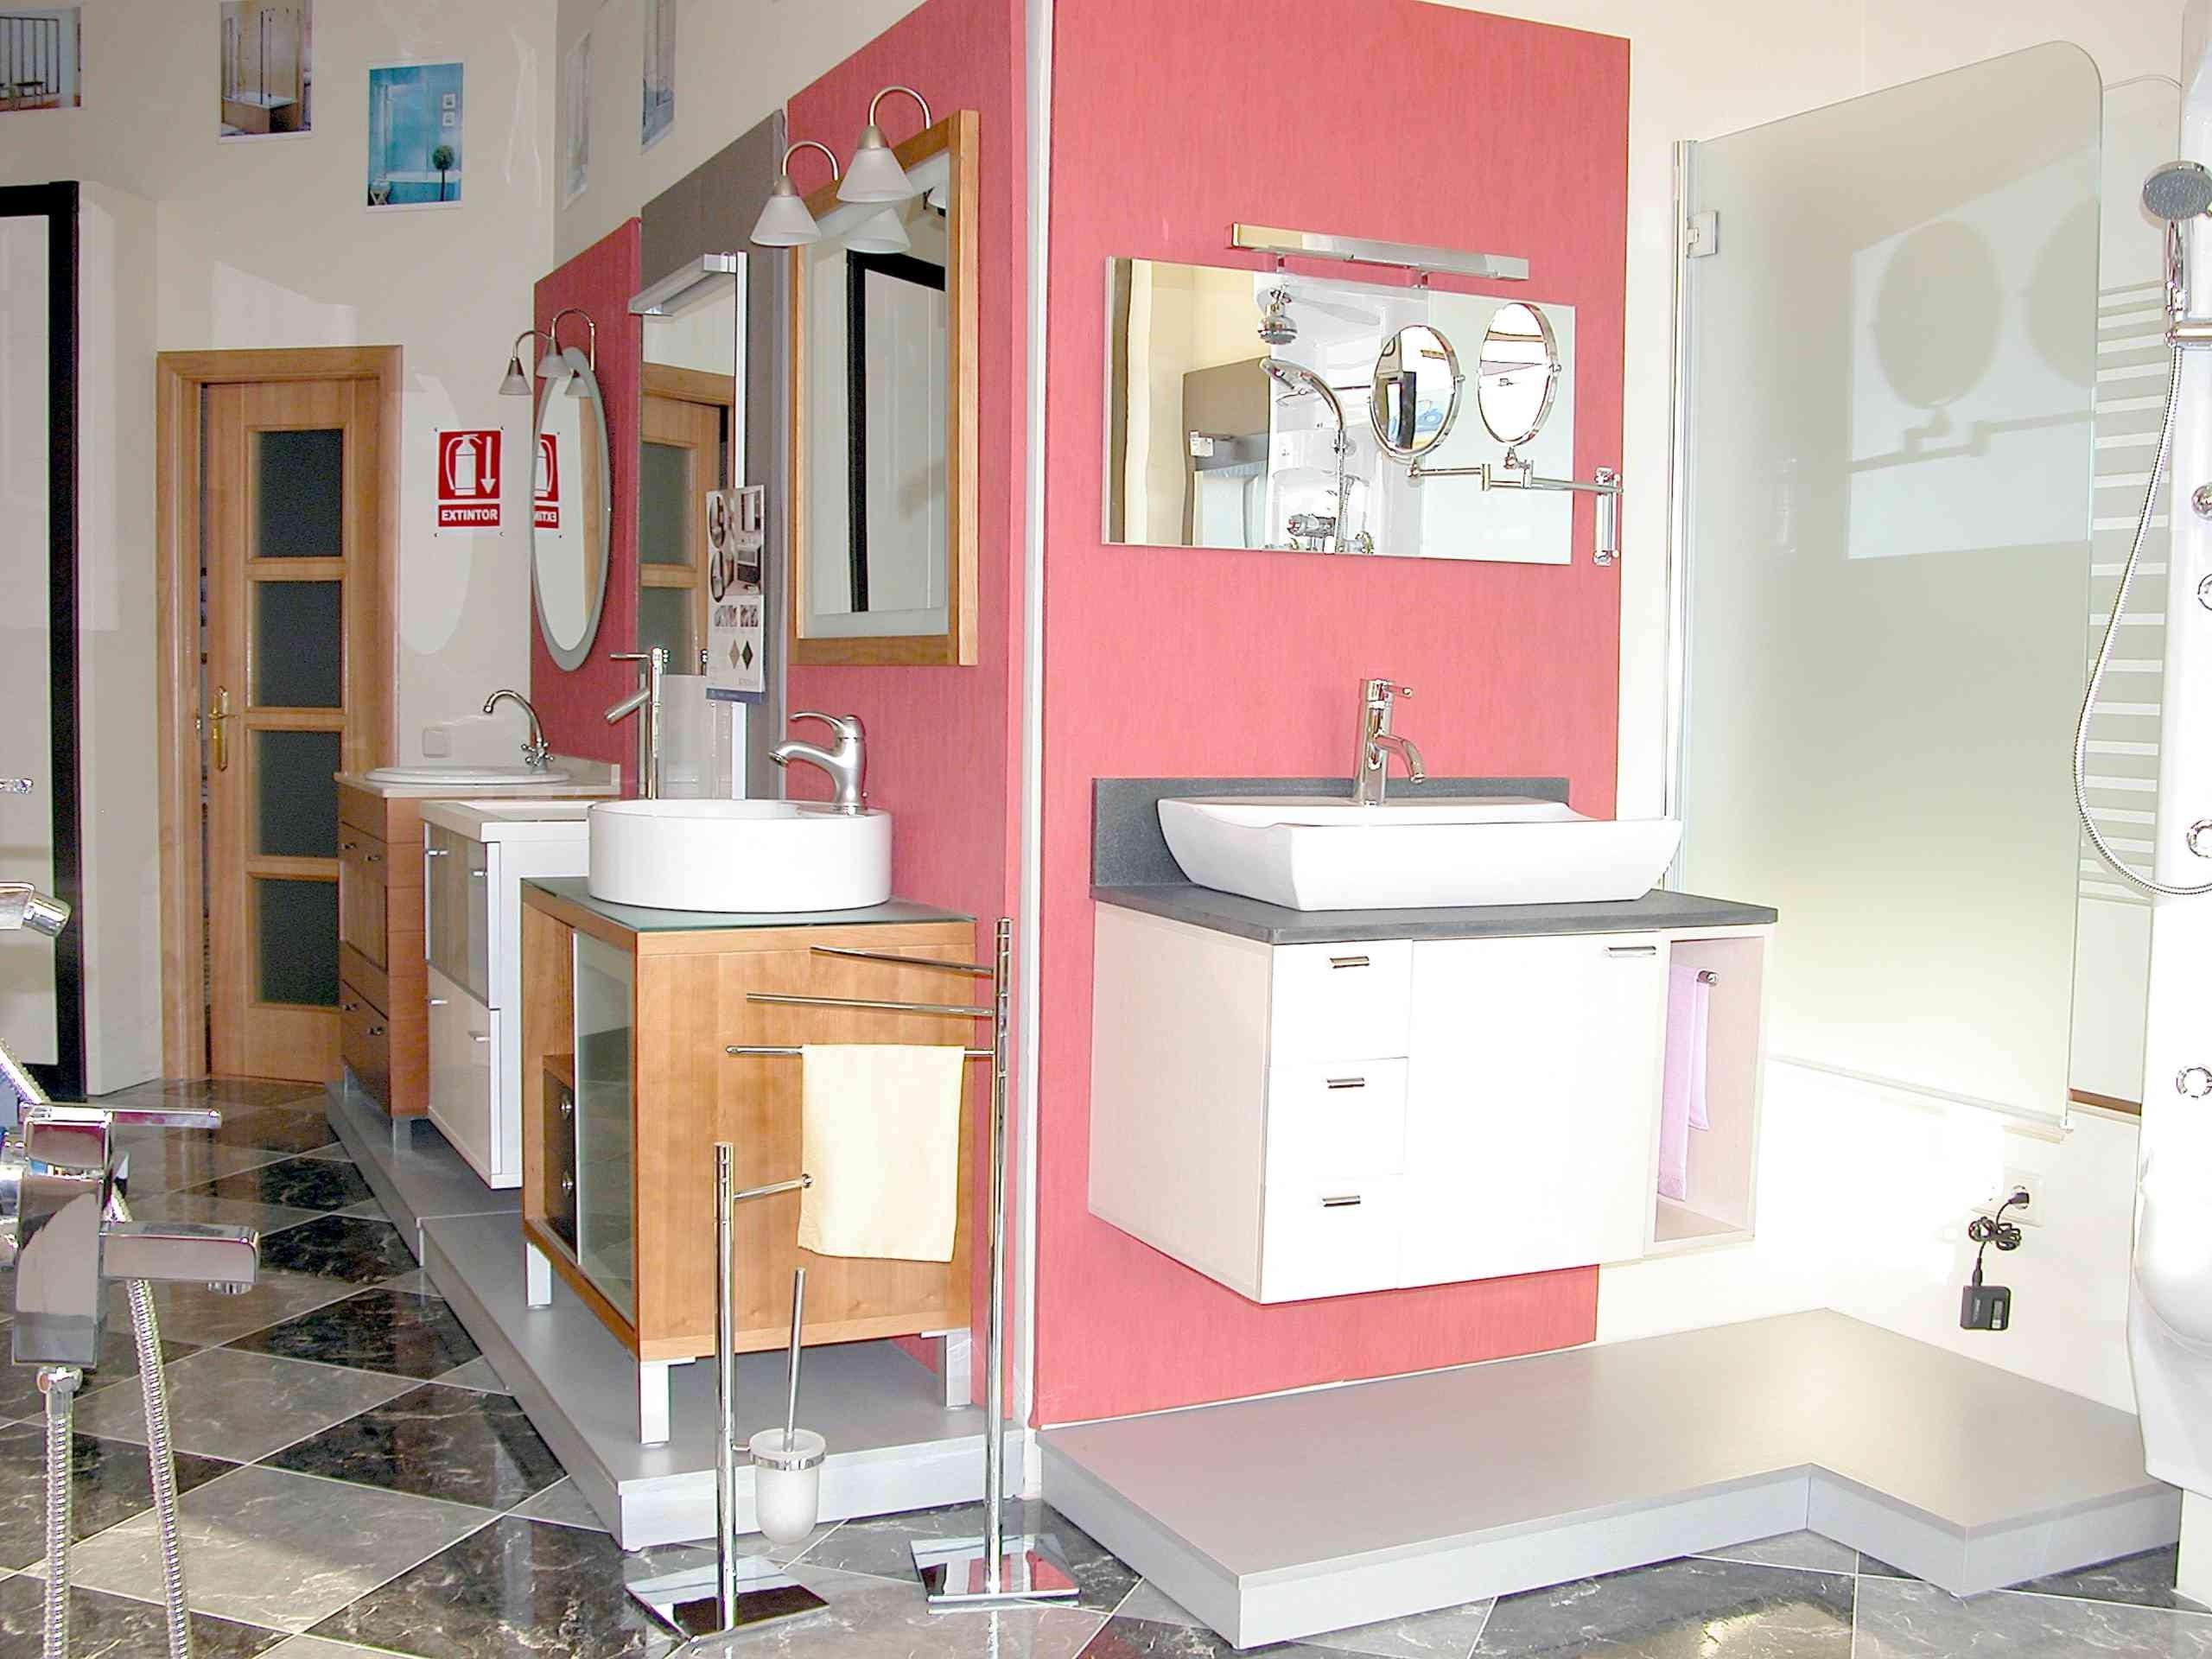 Muebles De Baño Triana:Opiniones de Muebles De Baño Pakaver (0)